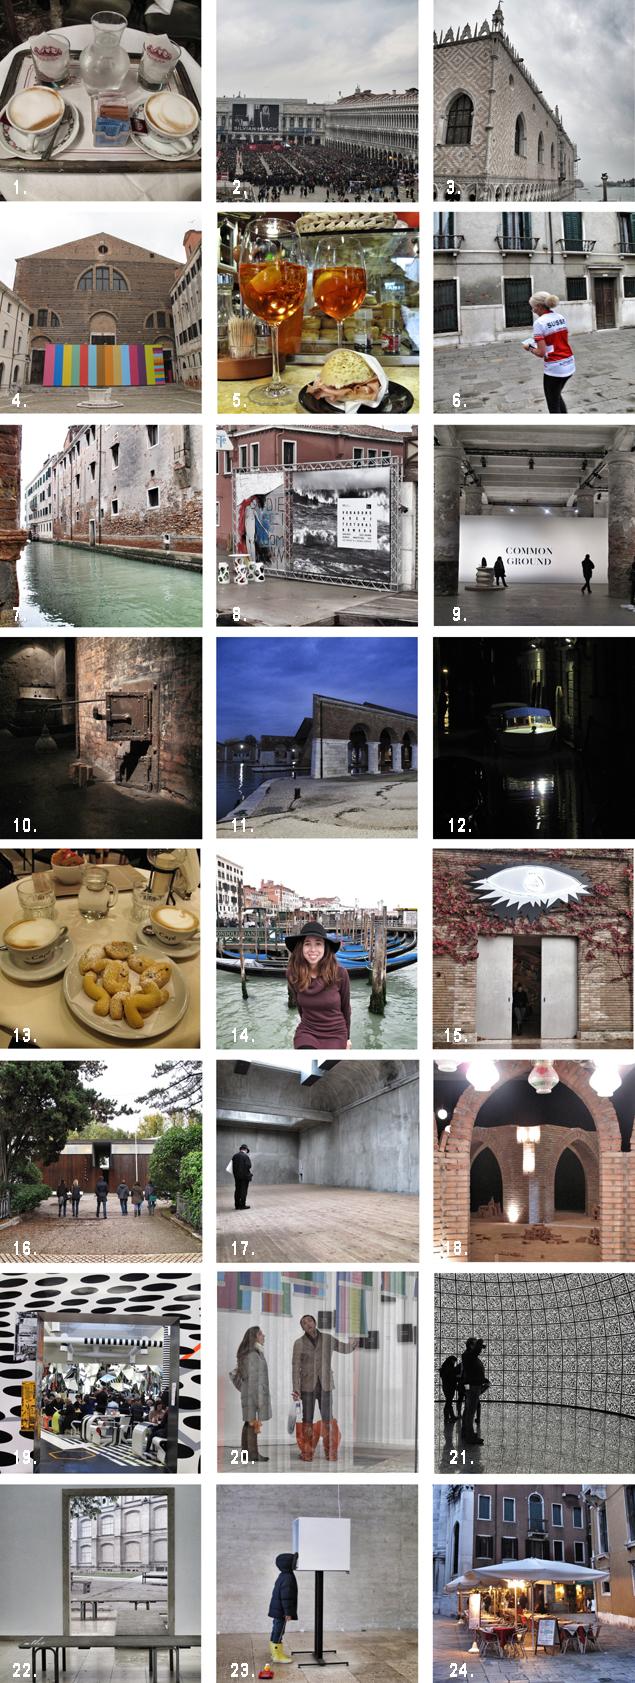 06. bienalle di venezia_reharq